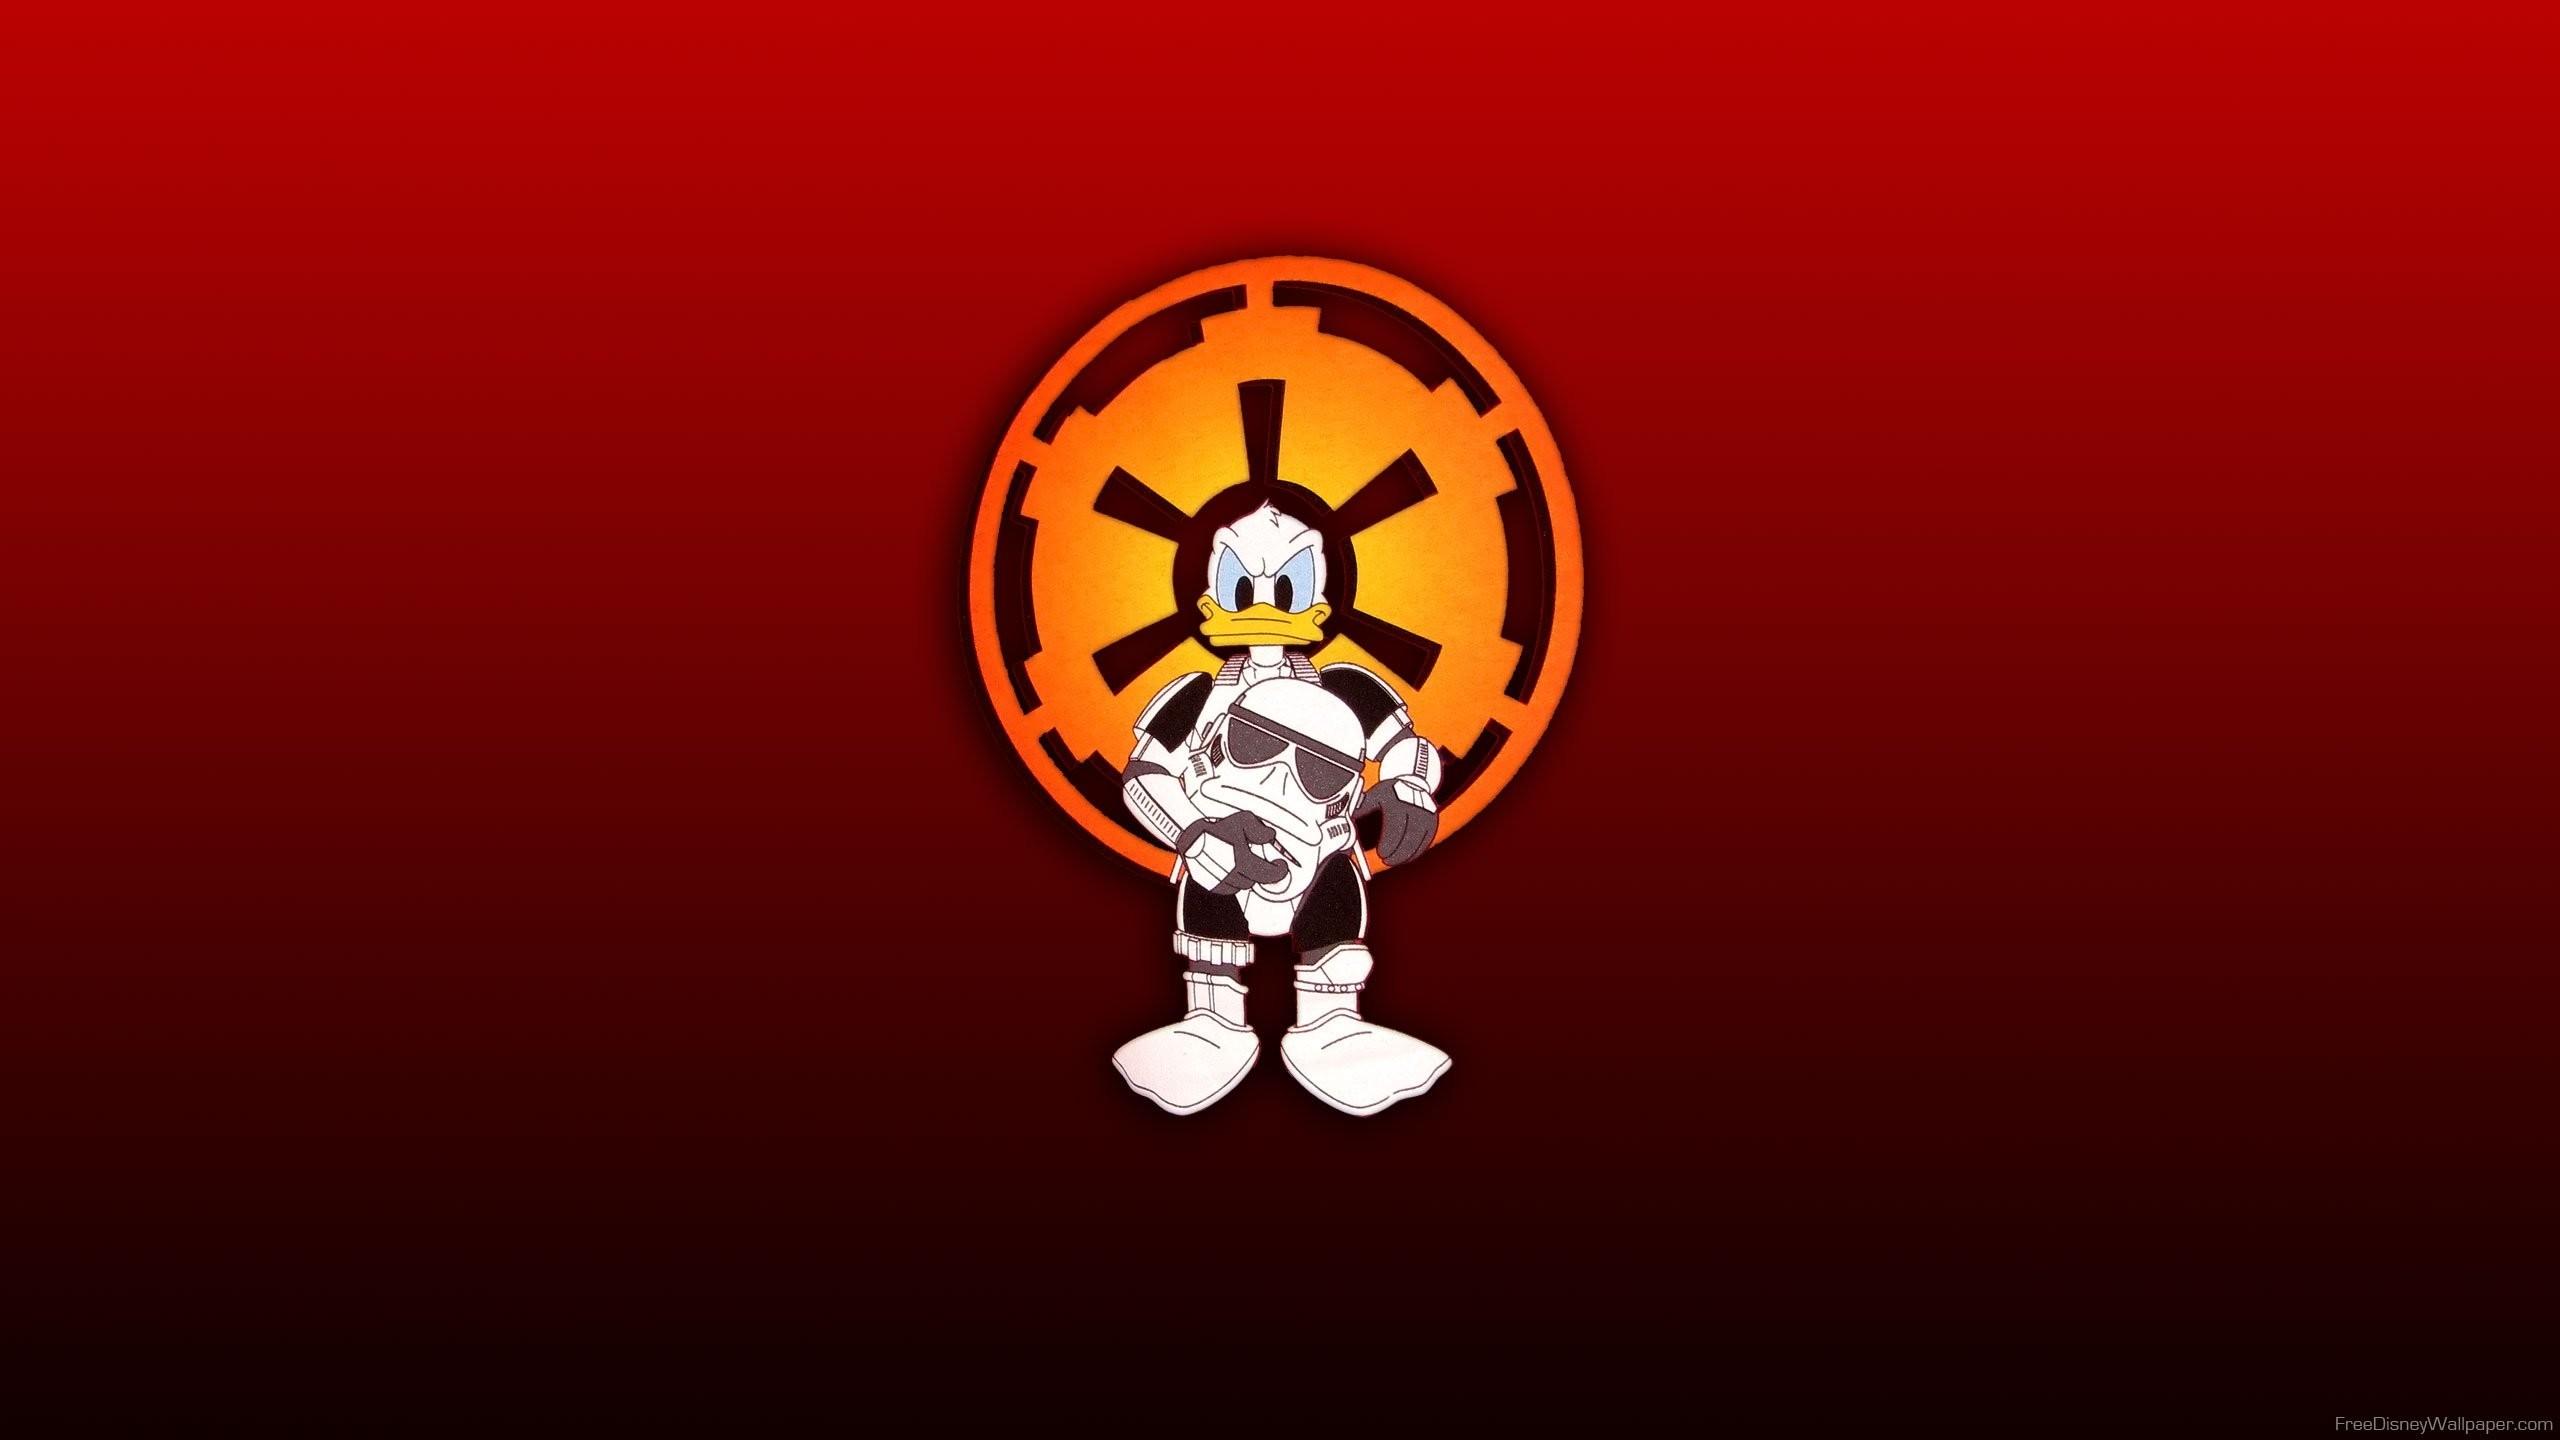 Star Wars Empire Logo 764129 …